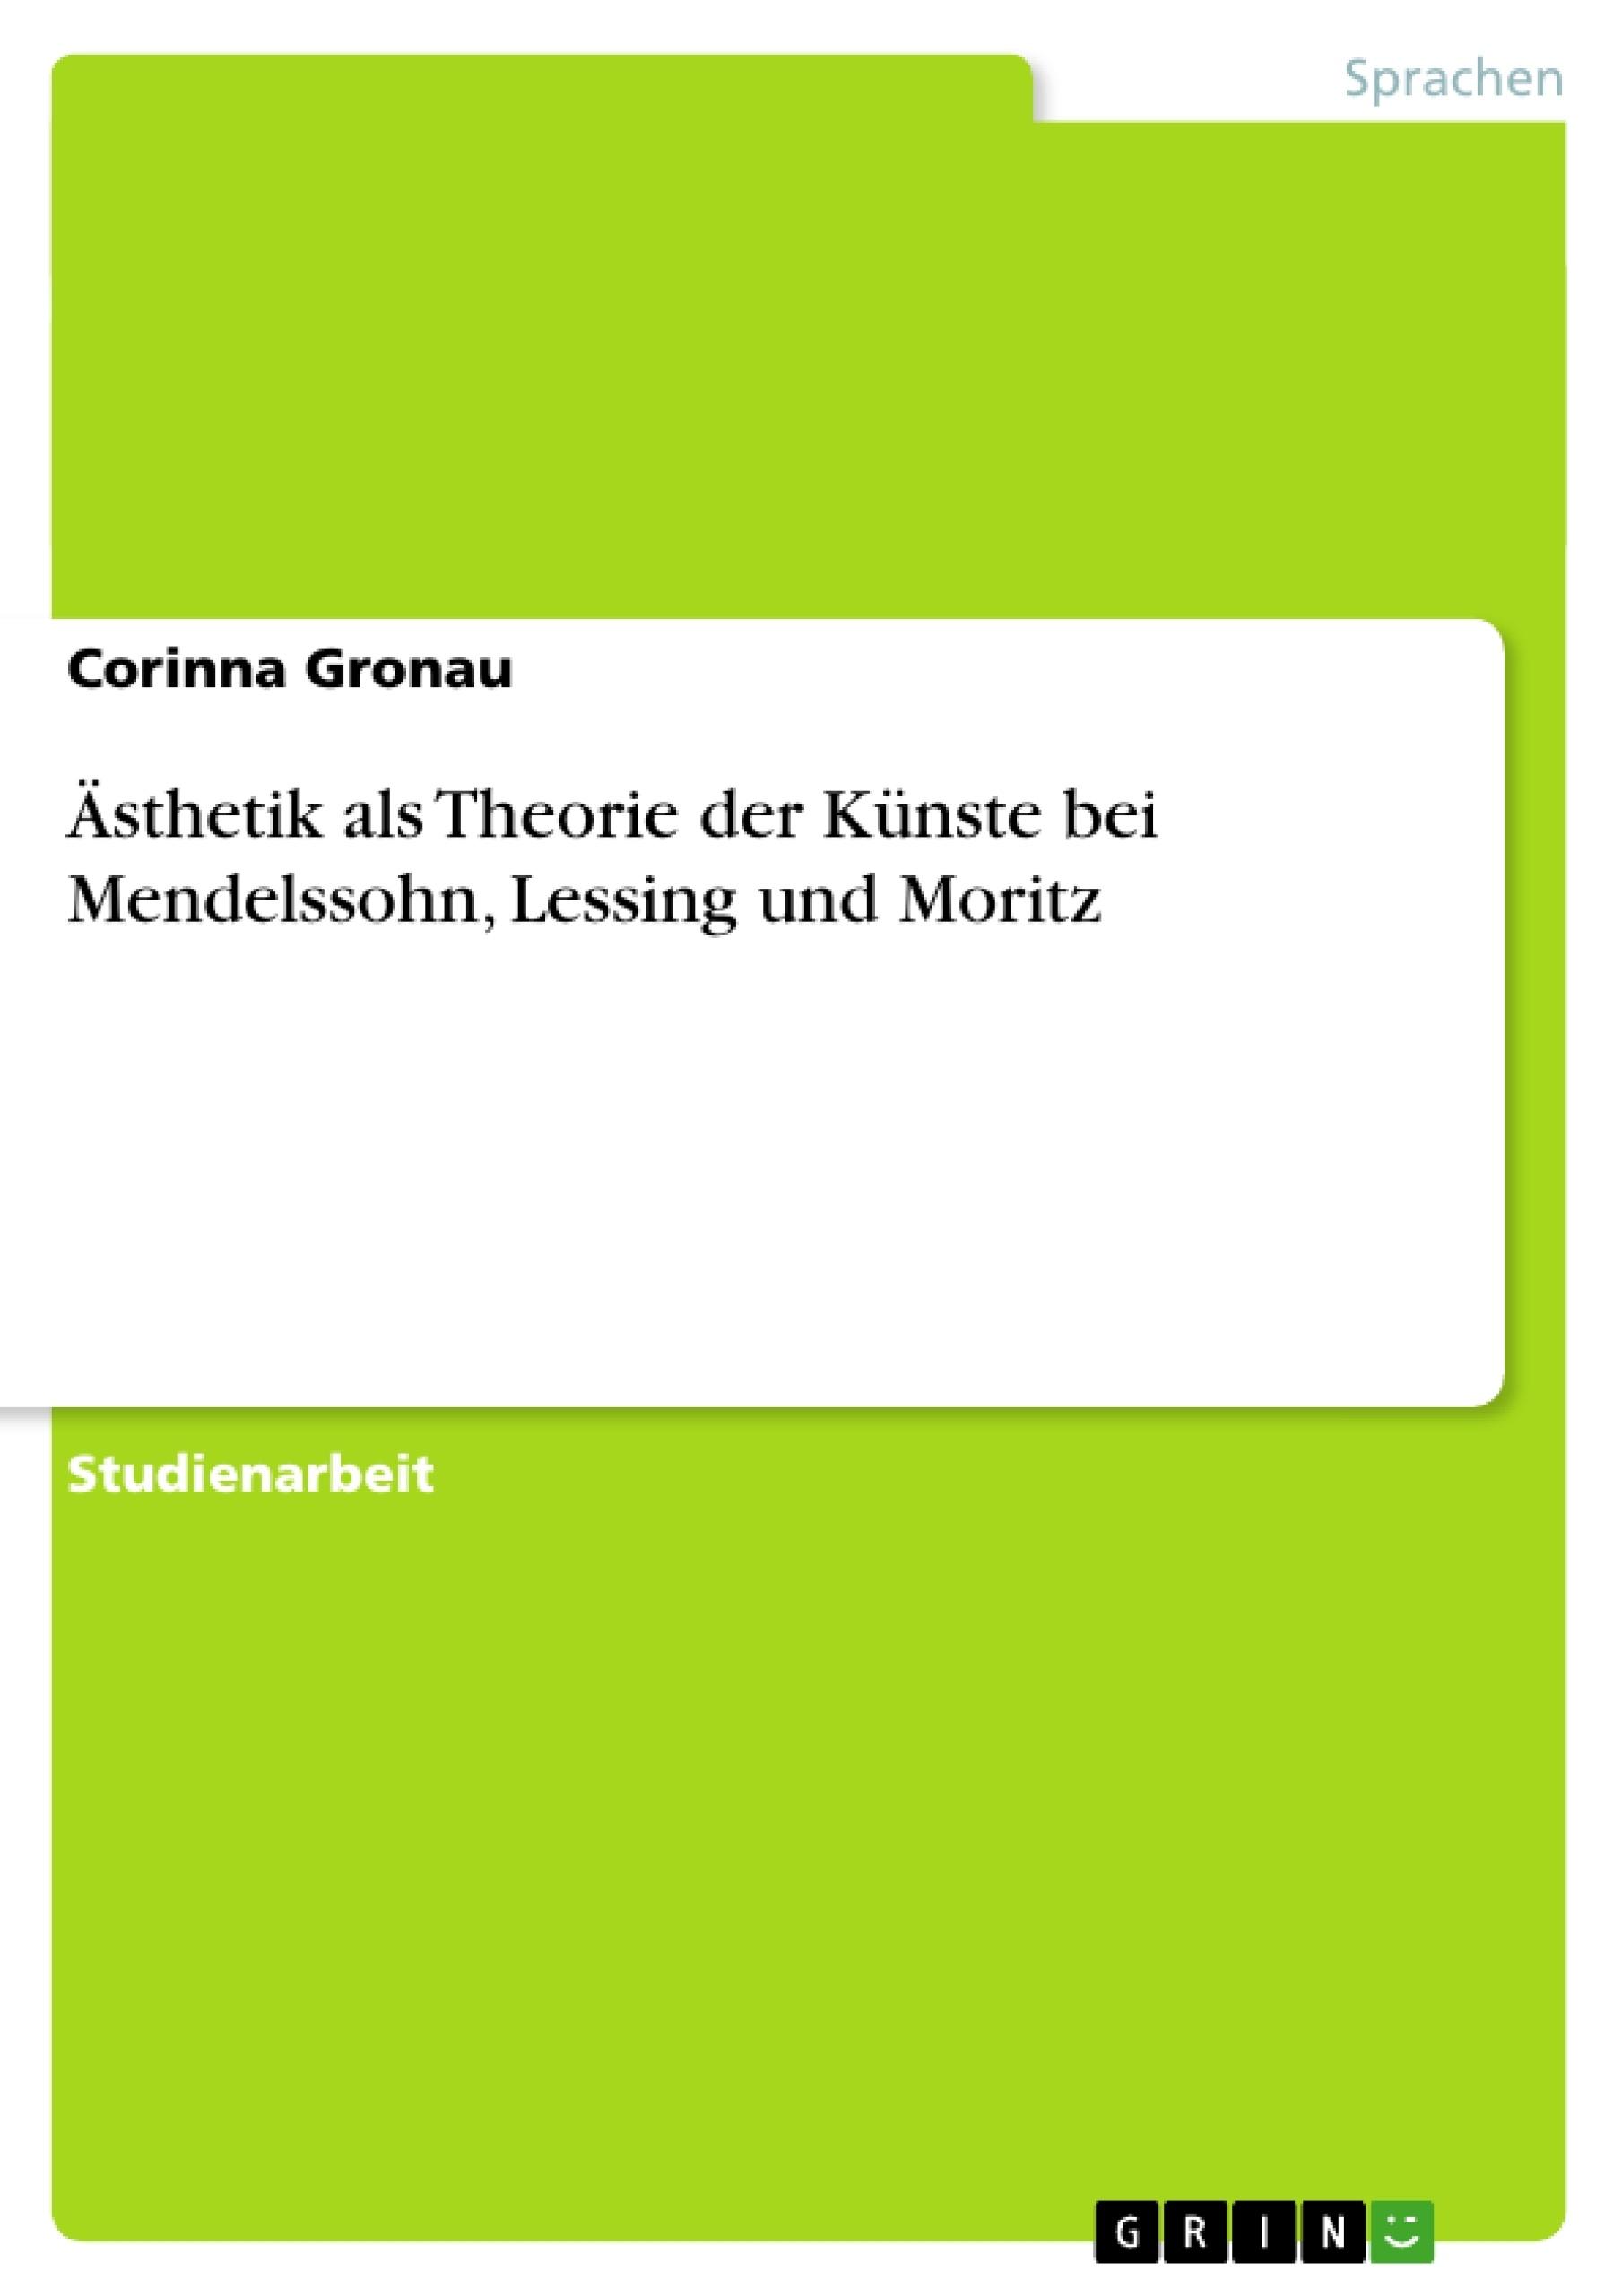 Titel: Ästhetik als Theorie der Künste bei Mendelssohn, Lessing und Moritz